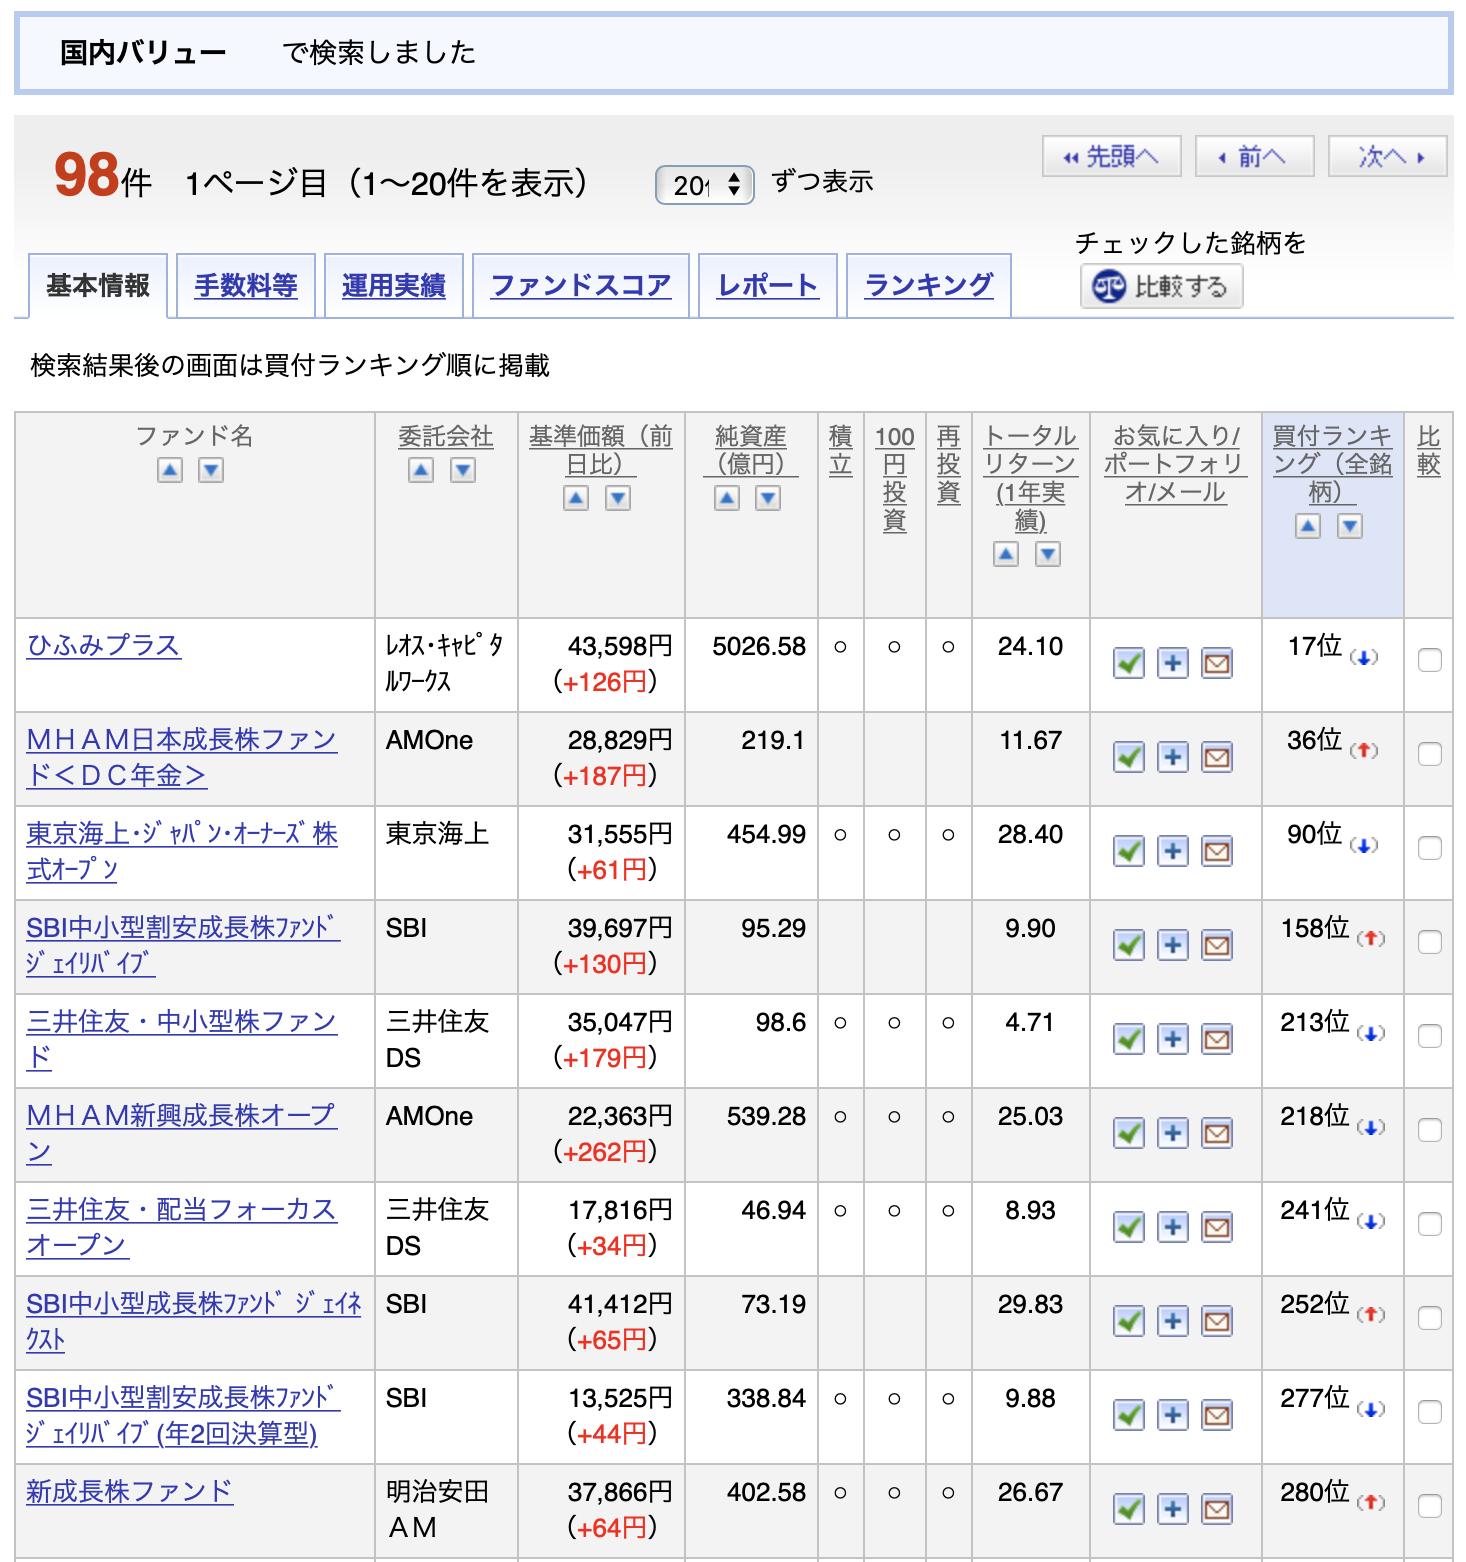 楽天証券の人気バリュー株